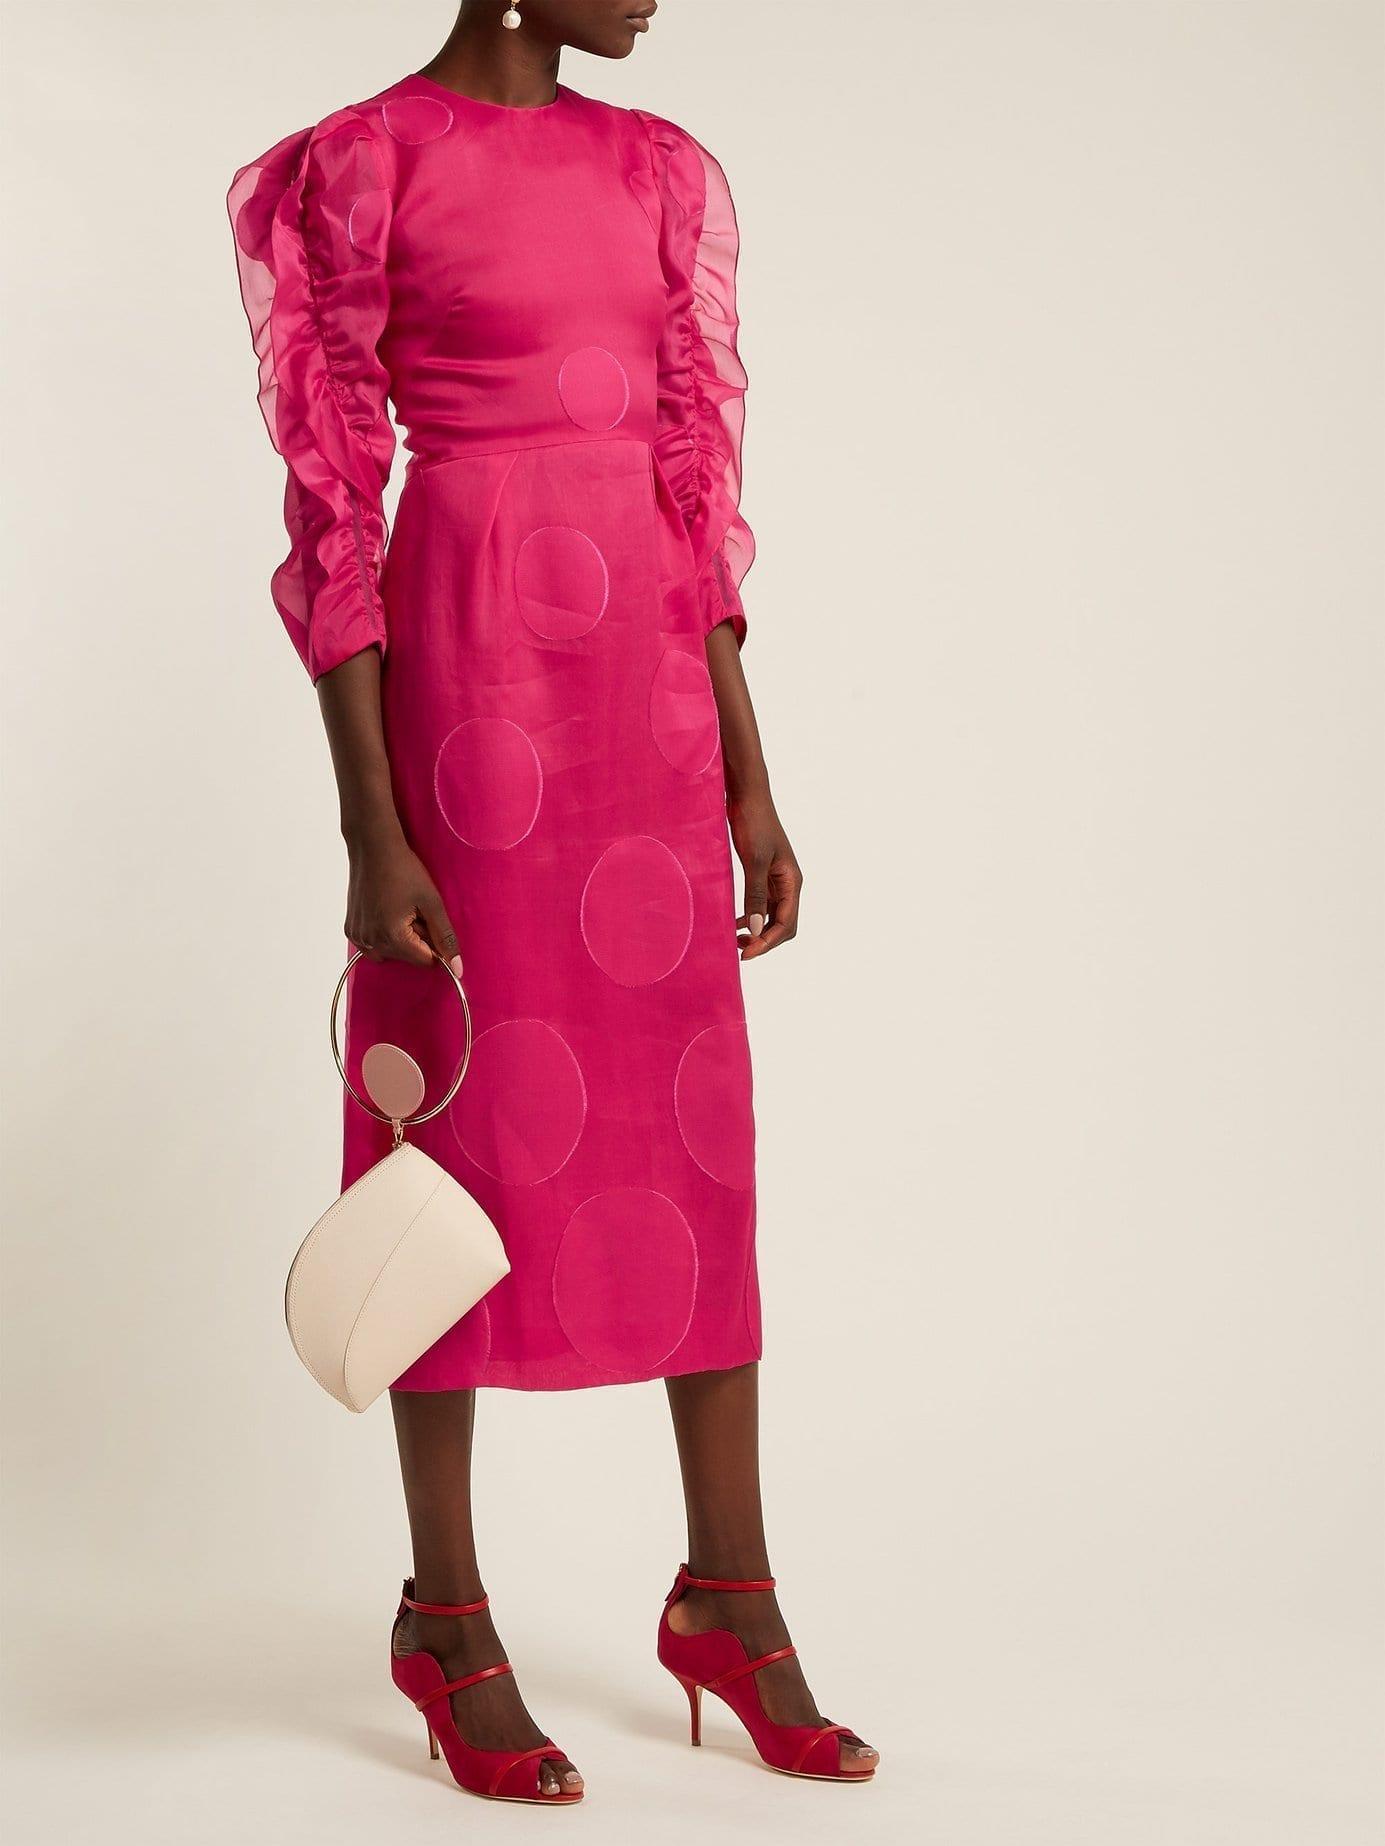 CAROLINA HERRERA Dégradé Fil-coupé Midi Pink Dress